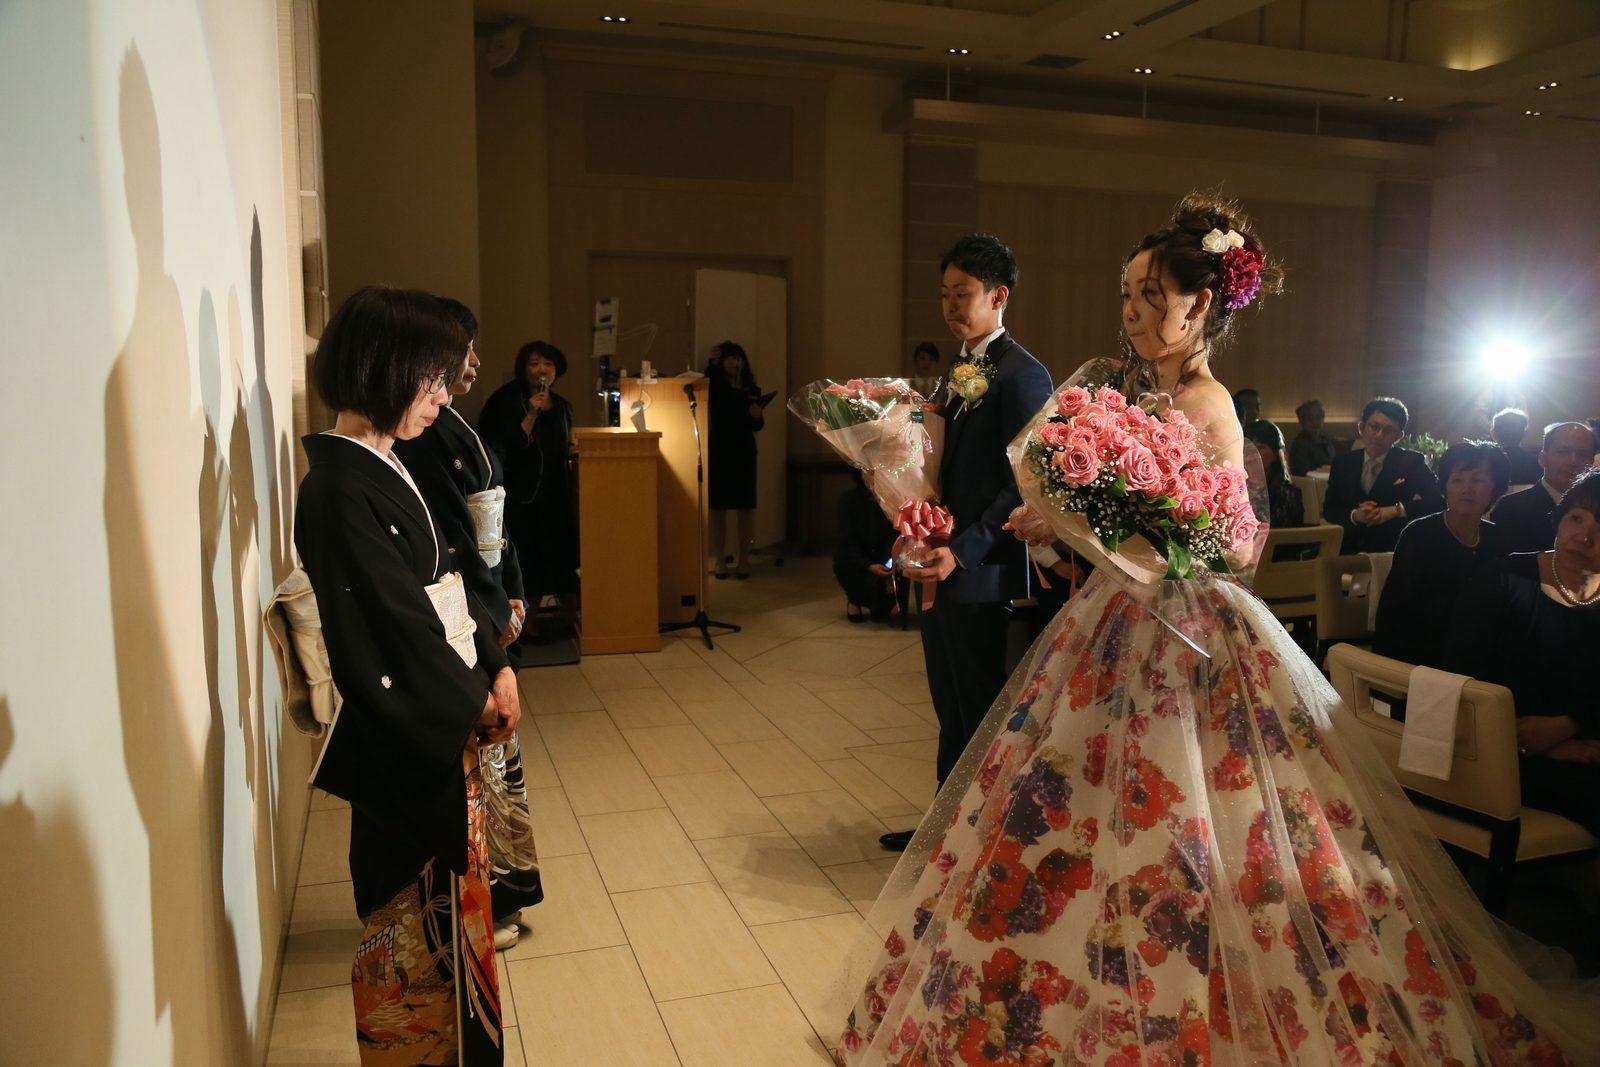 高松市の結婚式場アイルバレクラブの披露宴 今までの感謝をこめてお母様に花束を